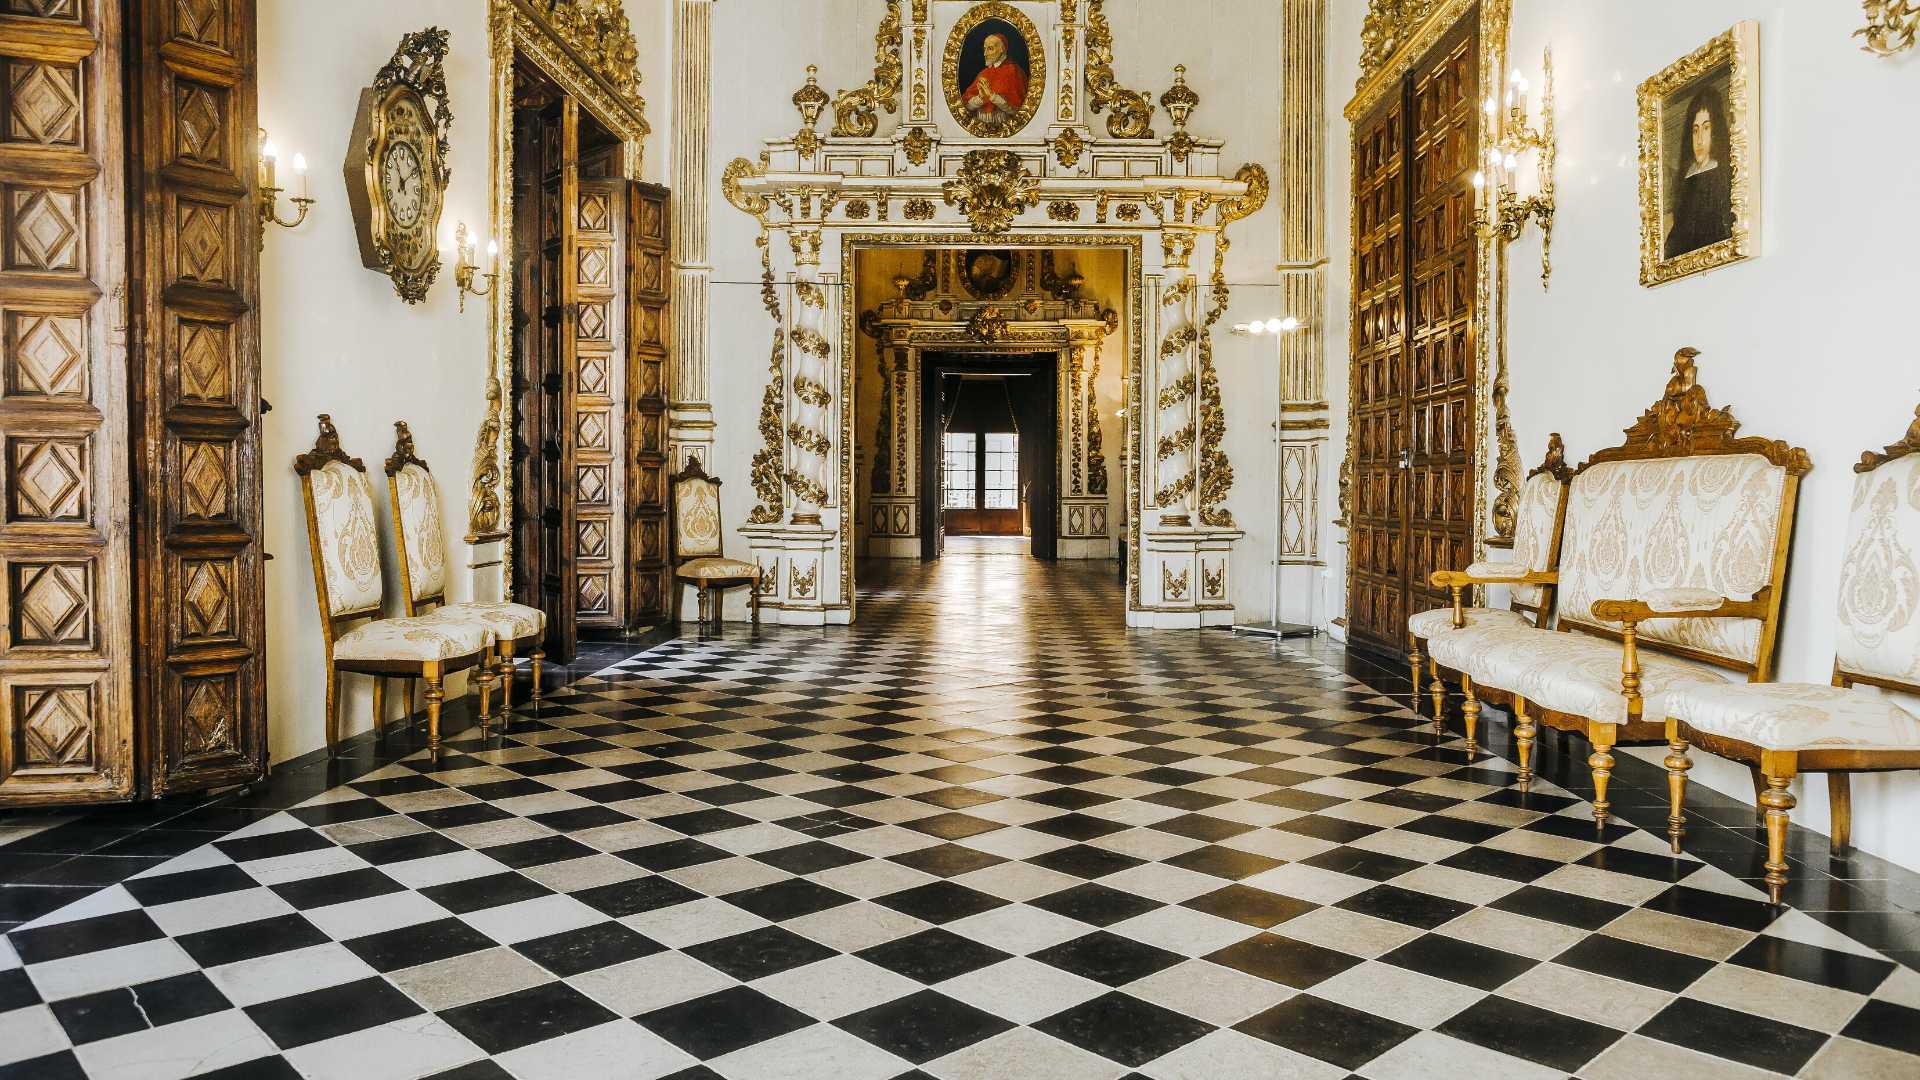 Visites guidées nocturnes : Palau Ducal de Gandia